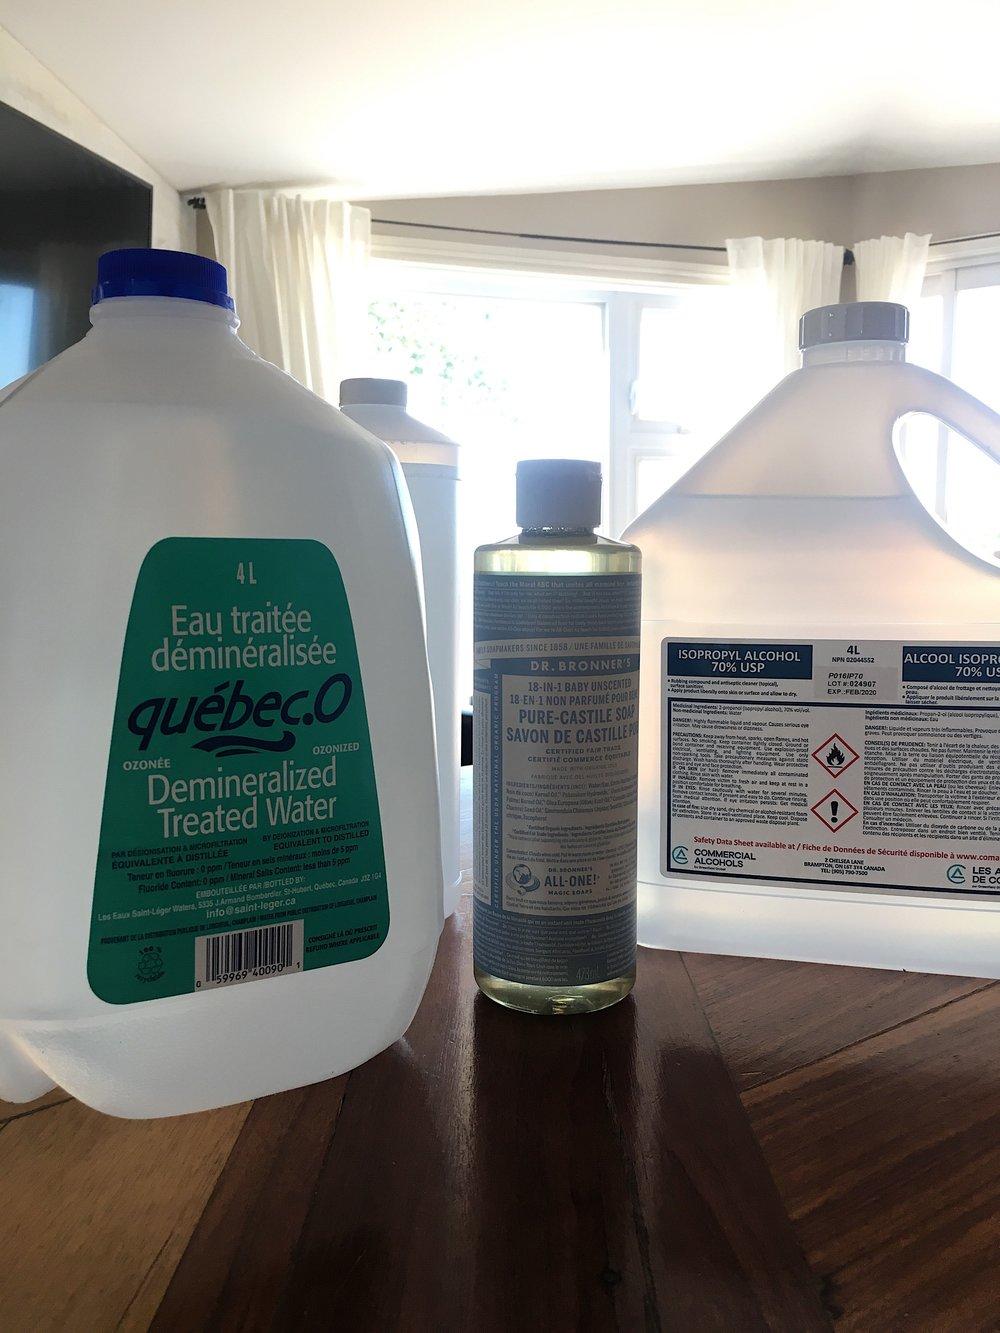 entretien ménager, produit entretien ménager, entretien écolo, produit menager bio, recettes produits entretien